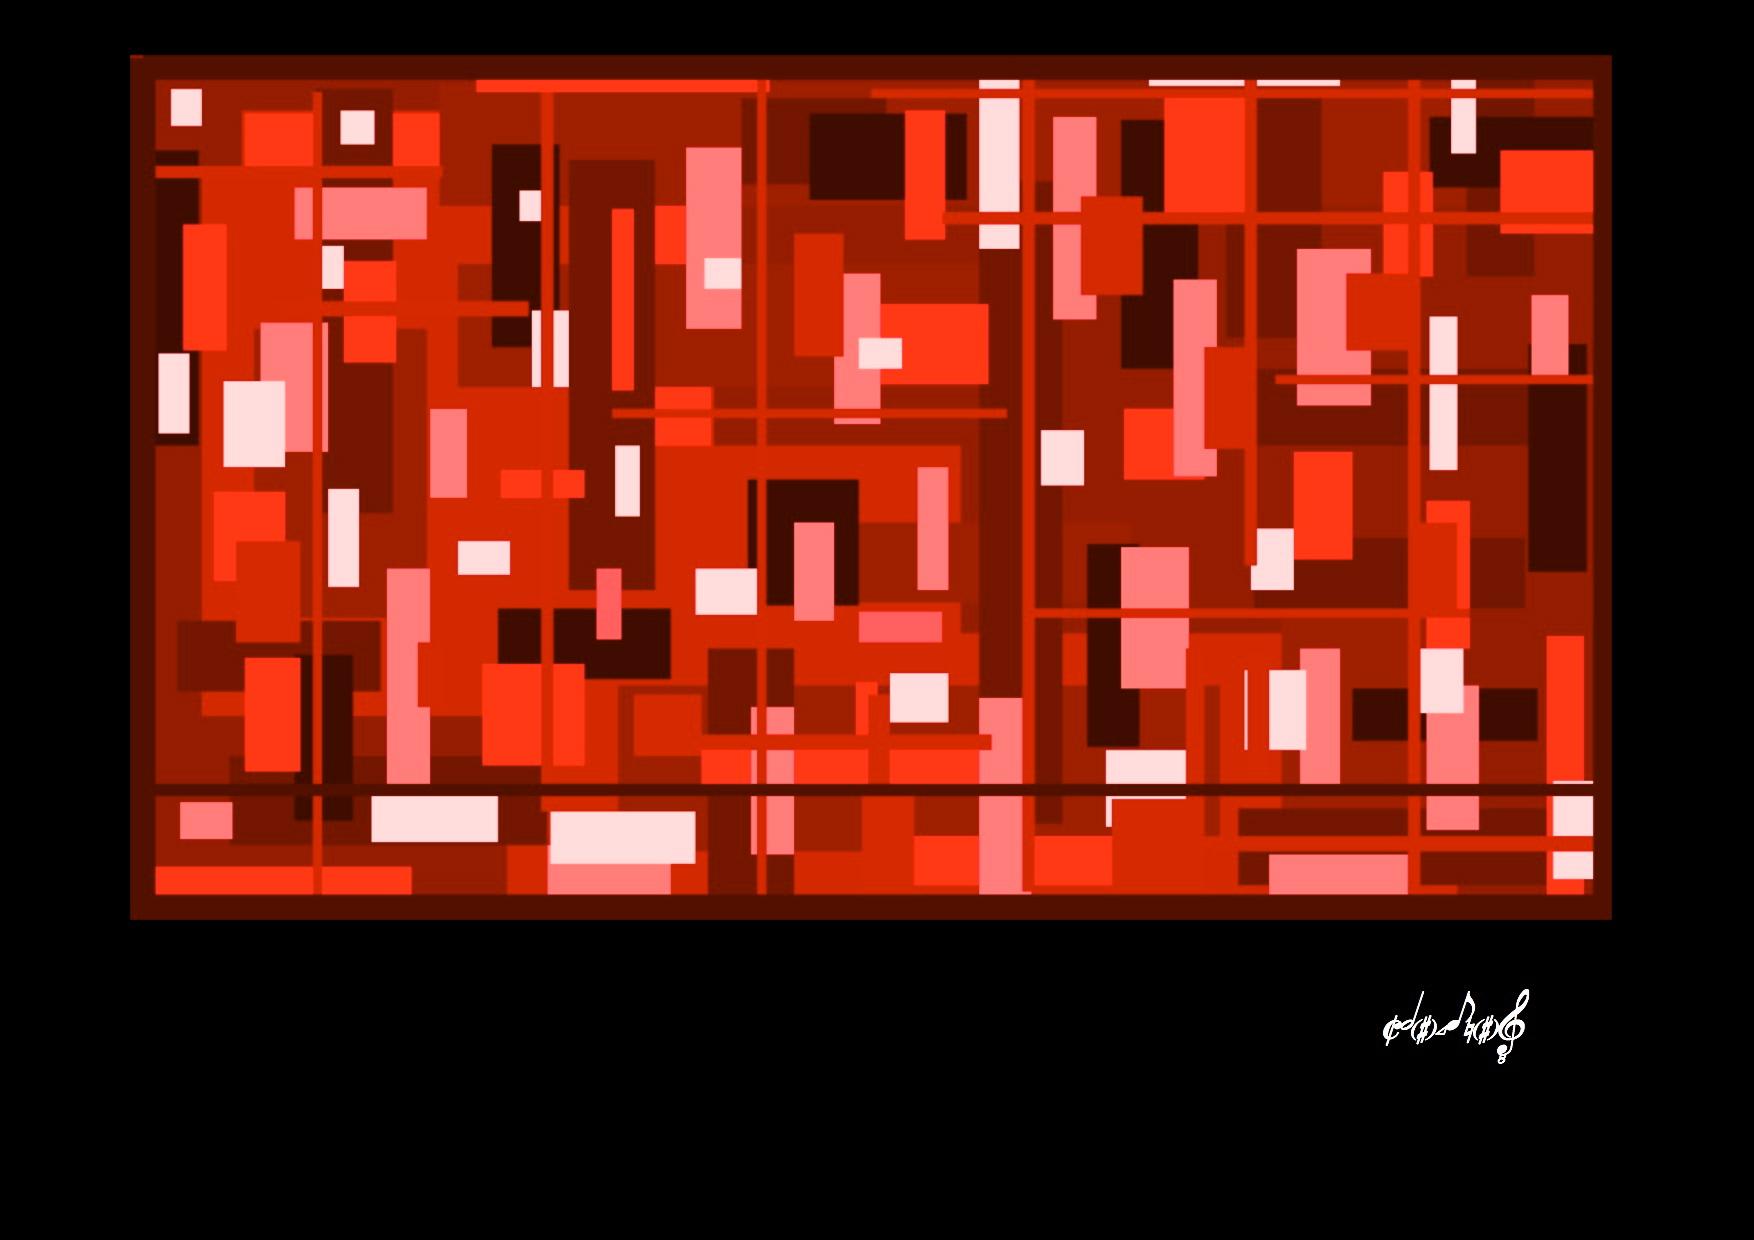 POEMAS_PINTURAS_ventanasrojas de_Chalena